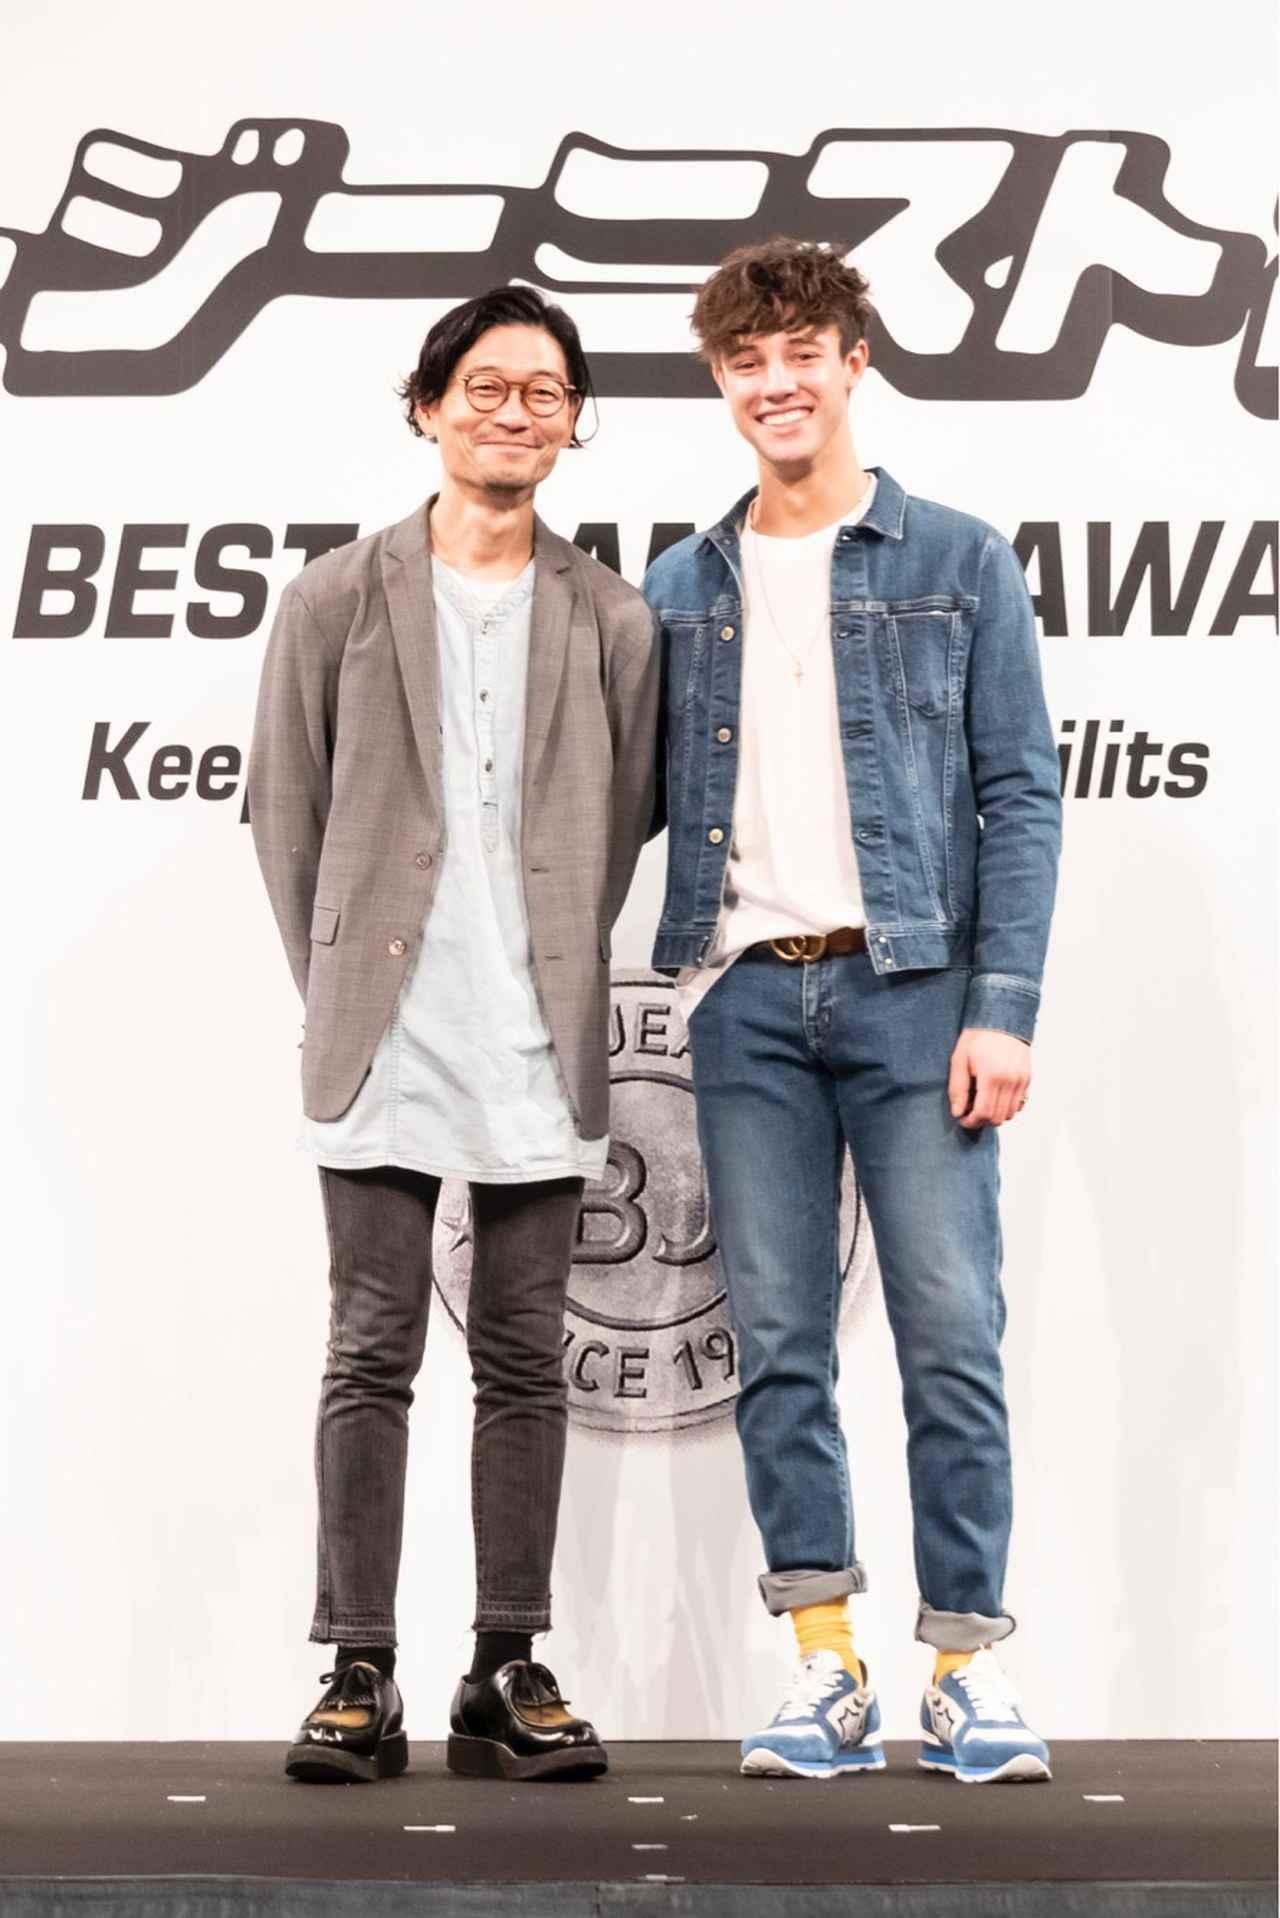 画像: 世界のSNS王子キャメロン・ダラス、ベストジーニスト賞にサプライズ登場!